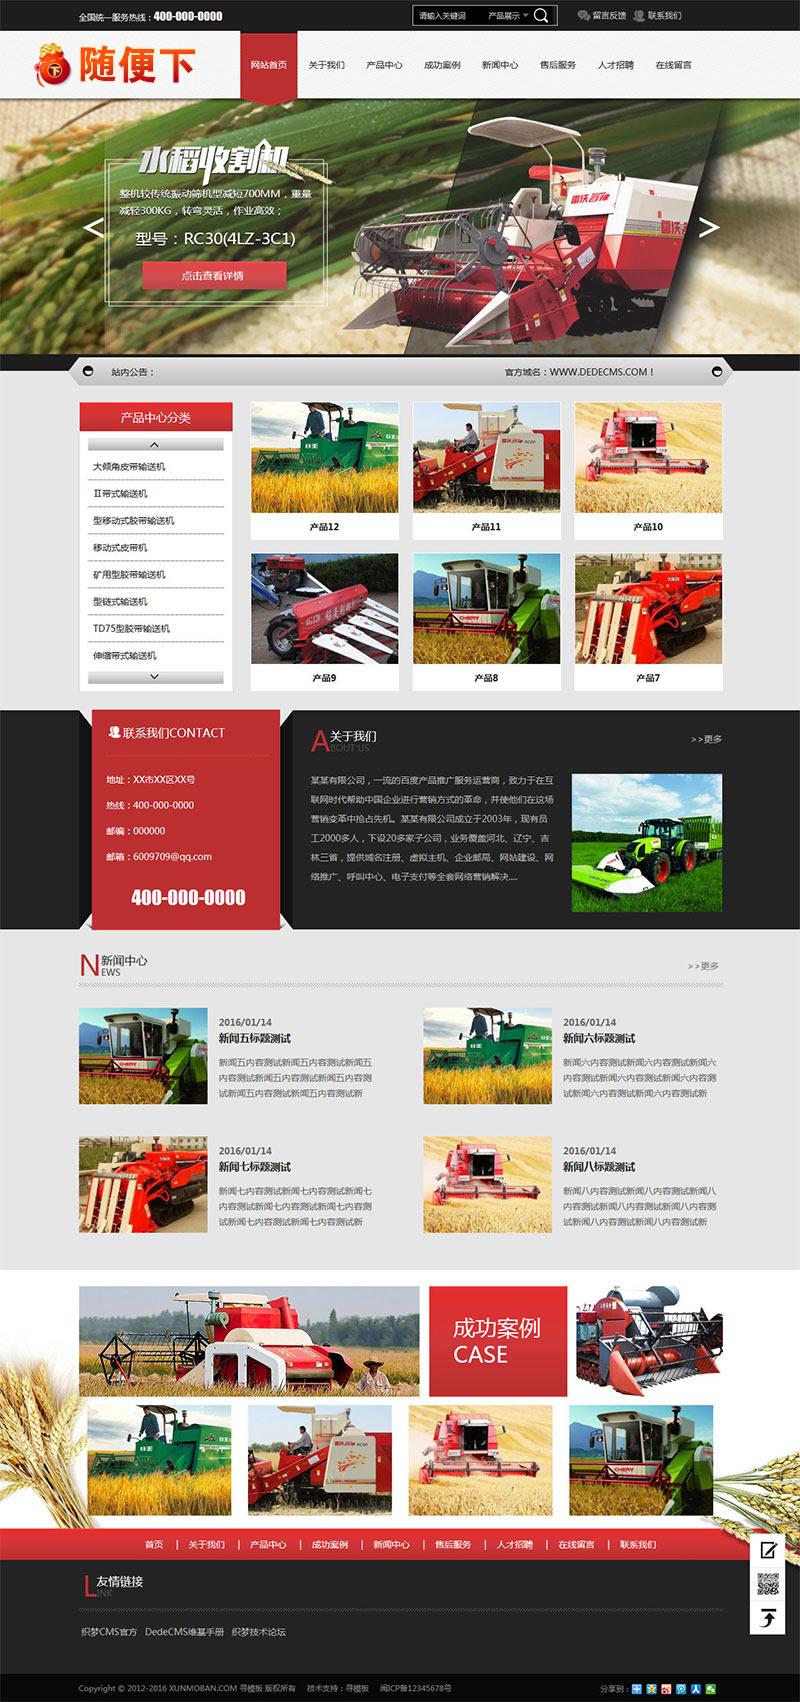 织梦dedecms模板营销型农用农业机械设备公司网站模板源码PC+WAP手机端利于SEO优化